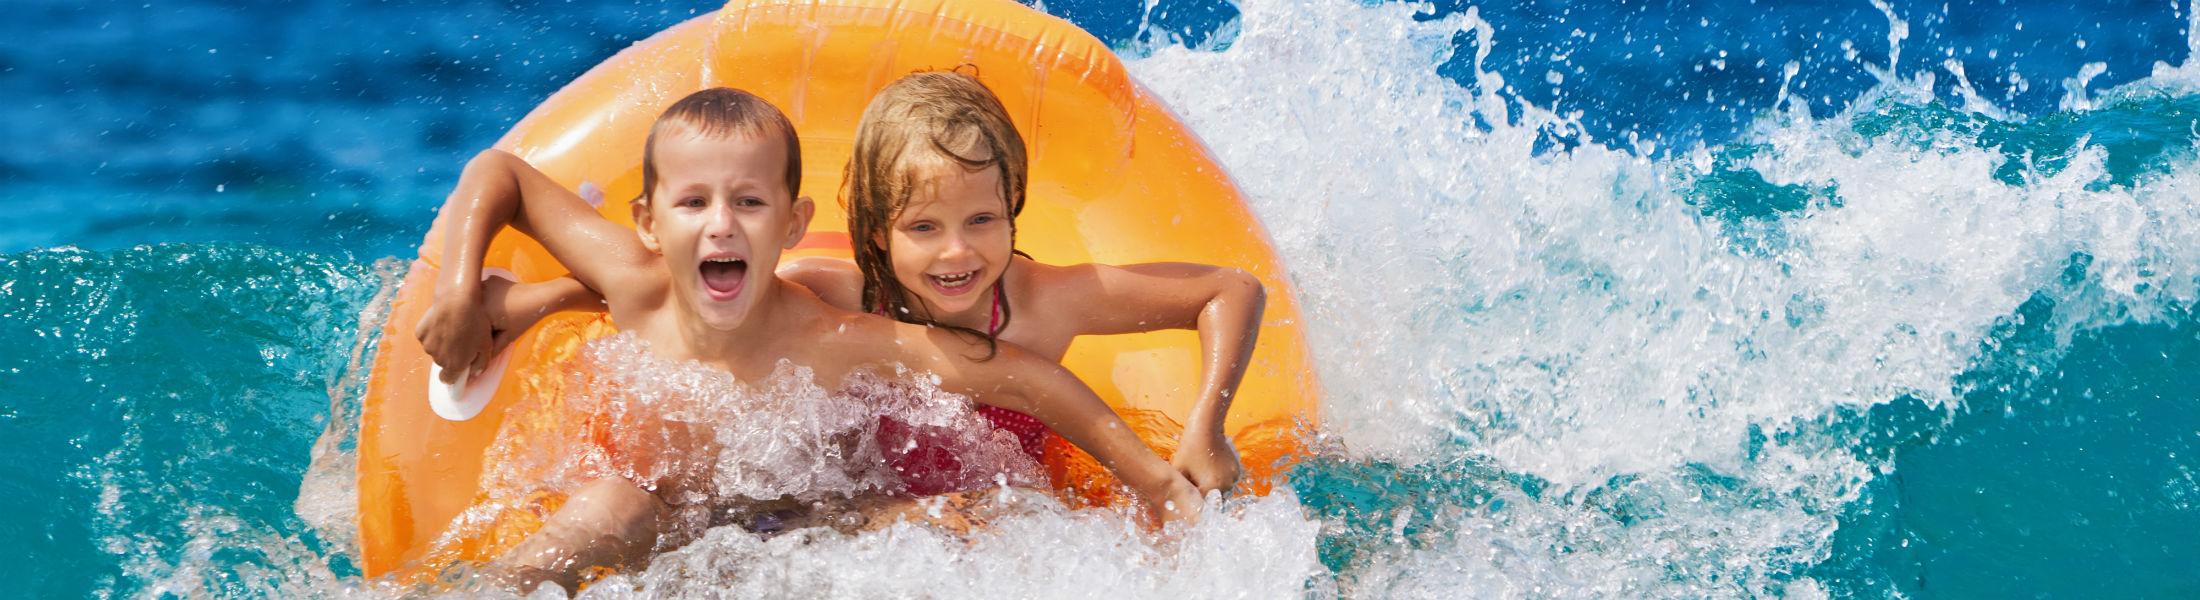 Happy kids having fun in sea